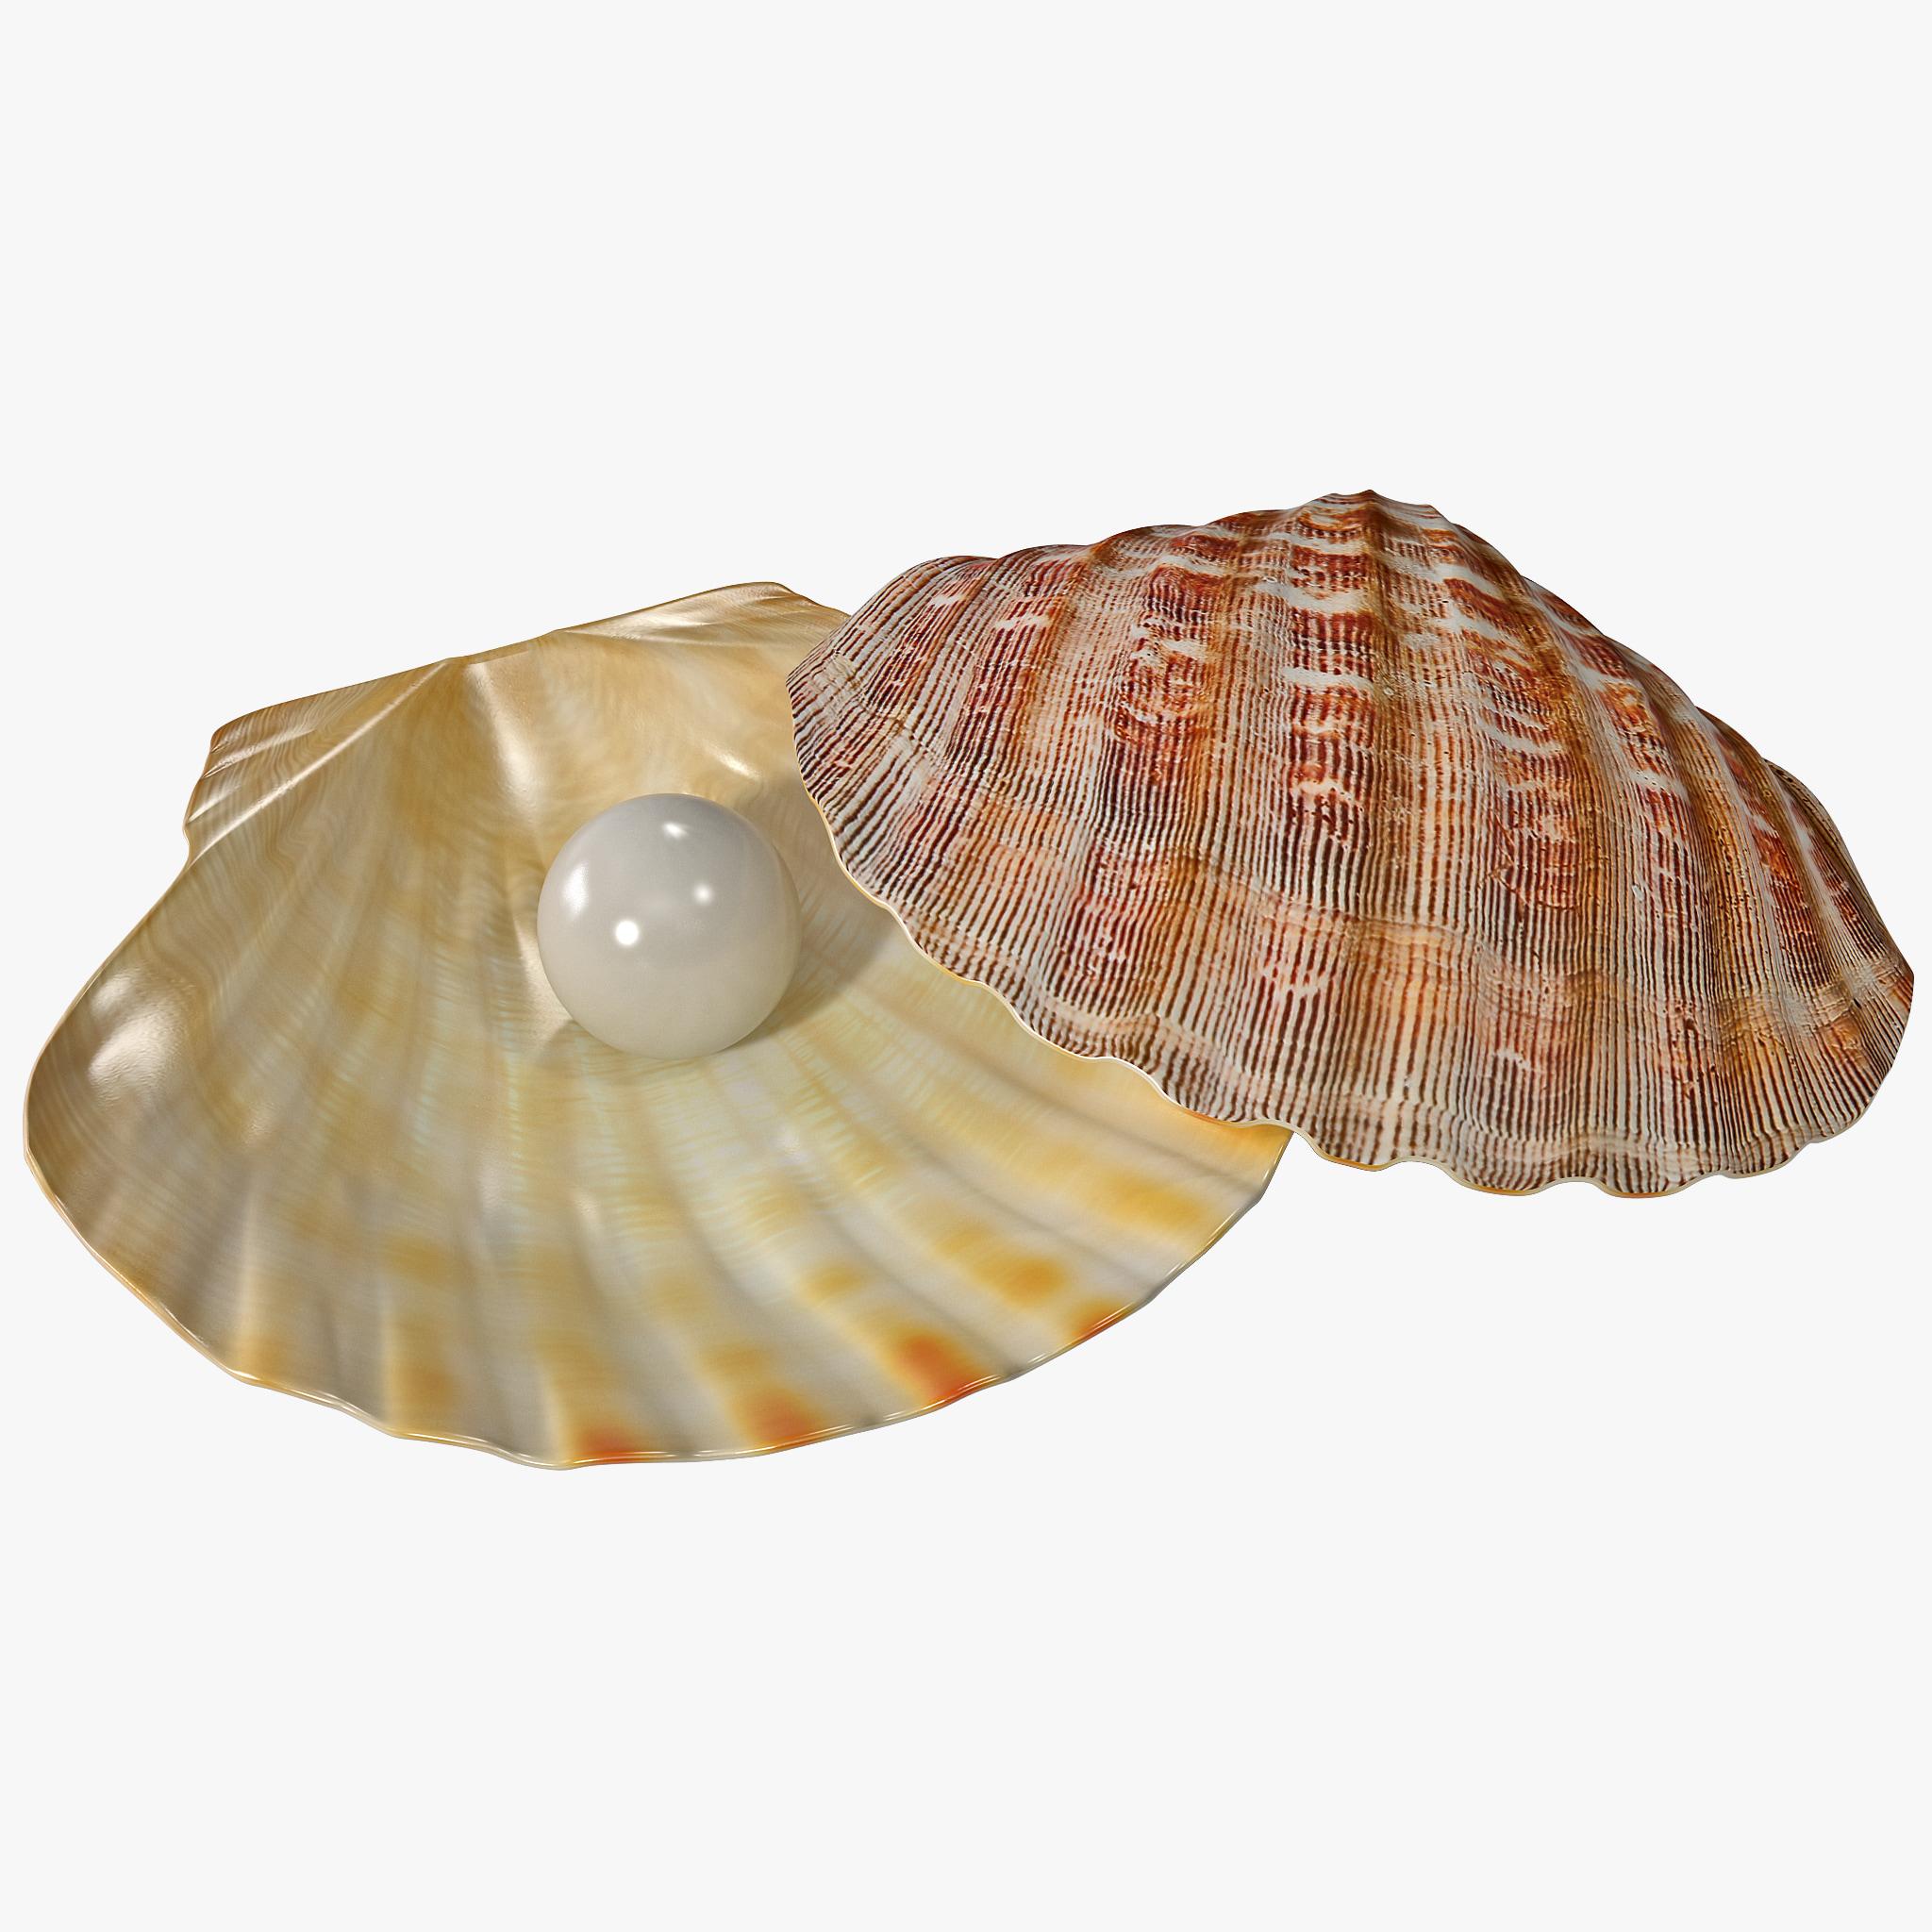 Pearl in Shell 2_1.jpg